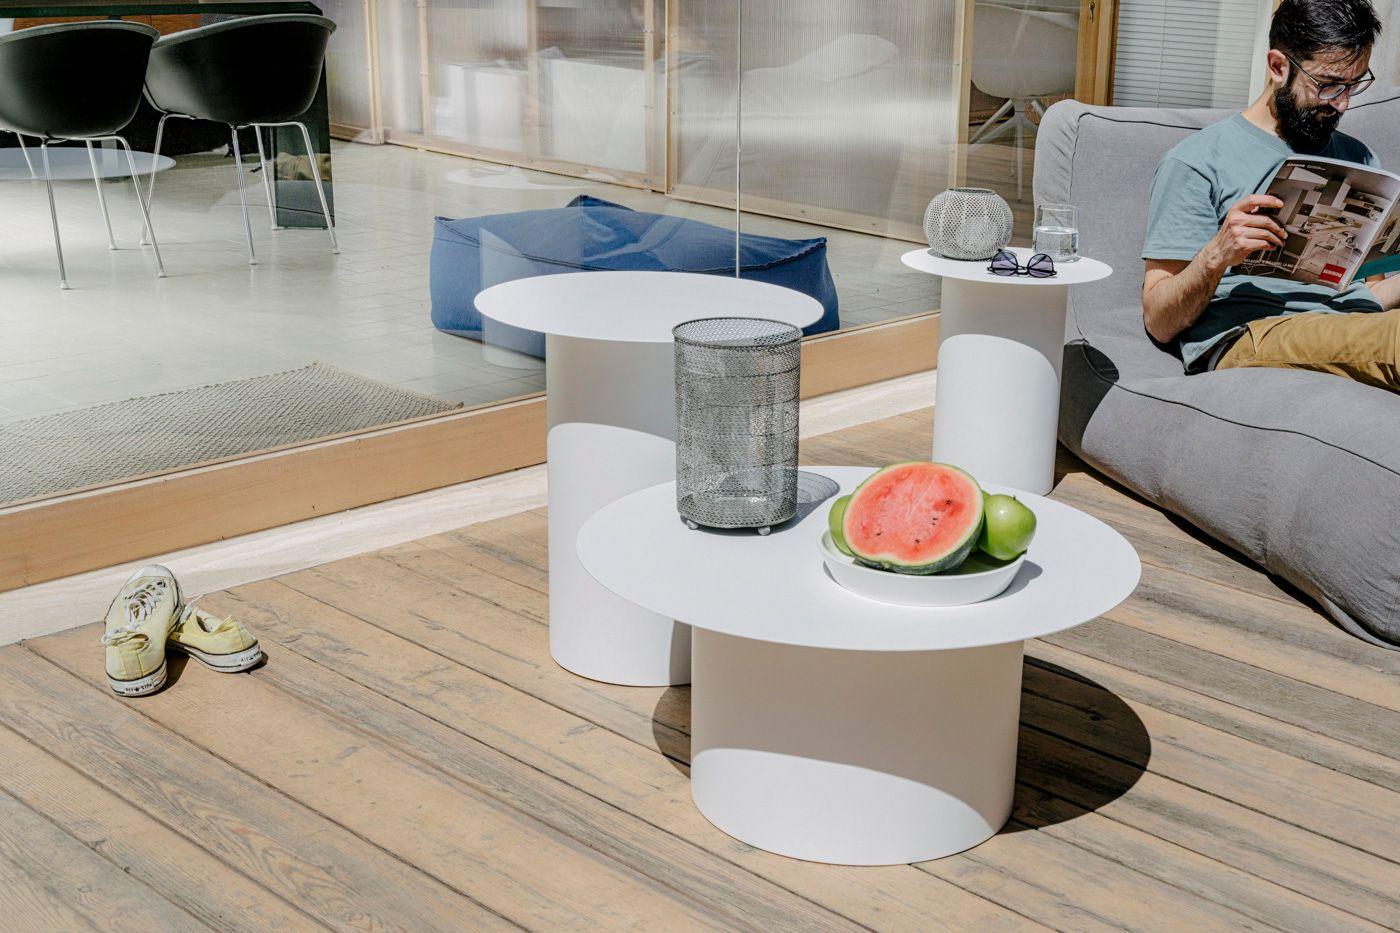 Chiodo na5 tisch von design studio associato f r marco for Tisch eins design studio